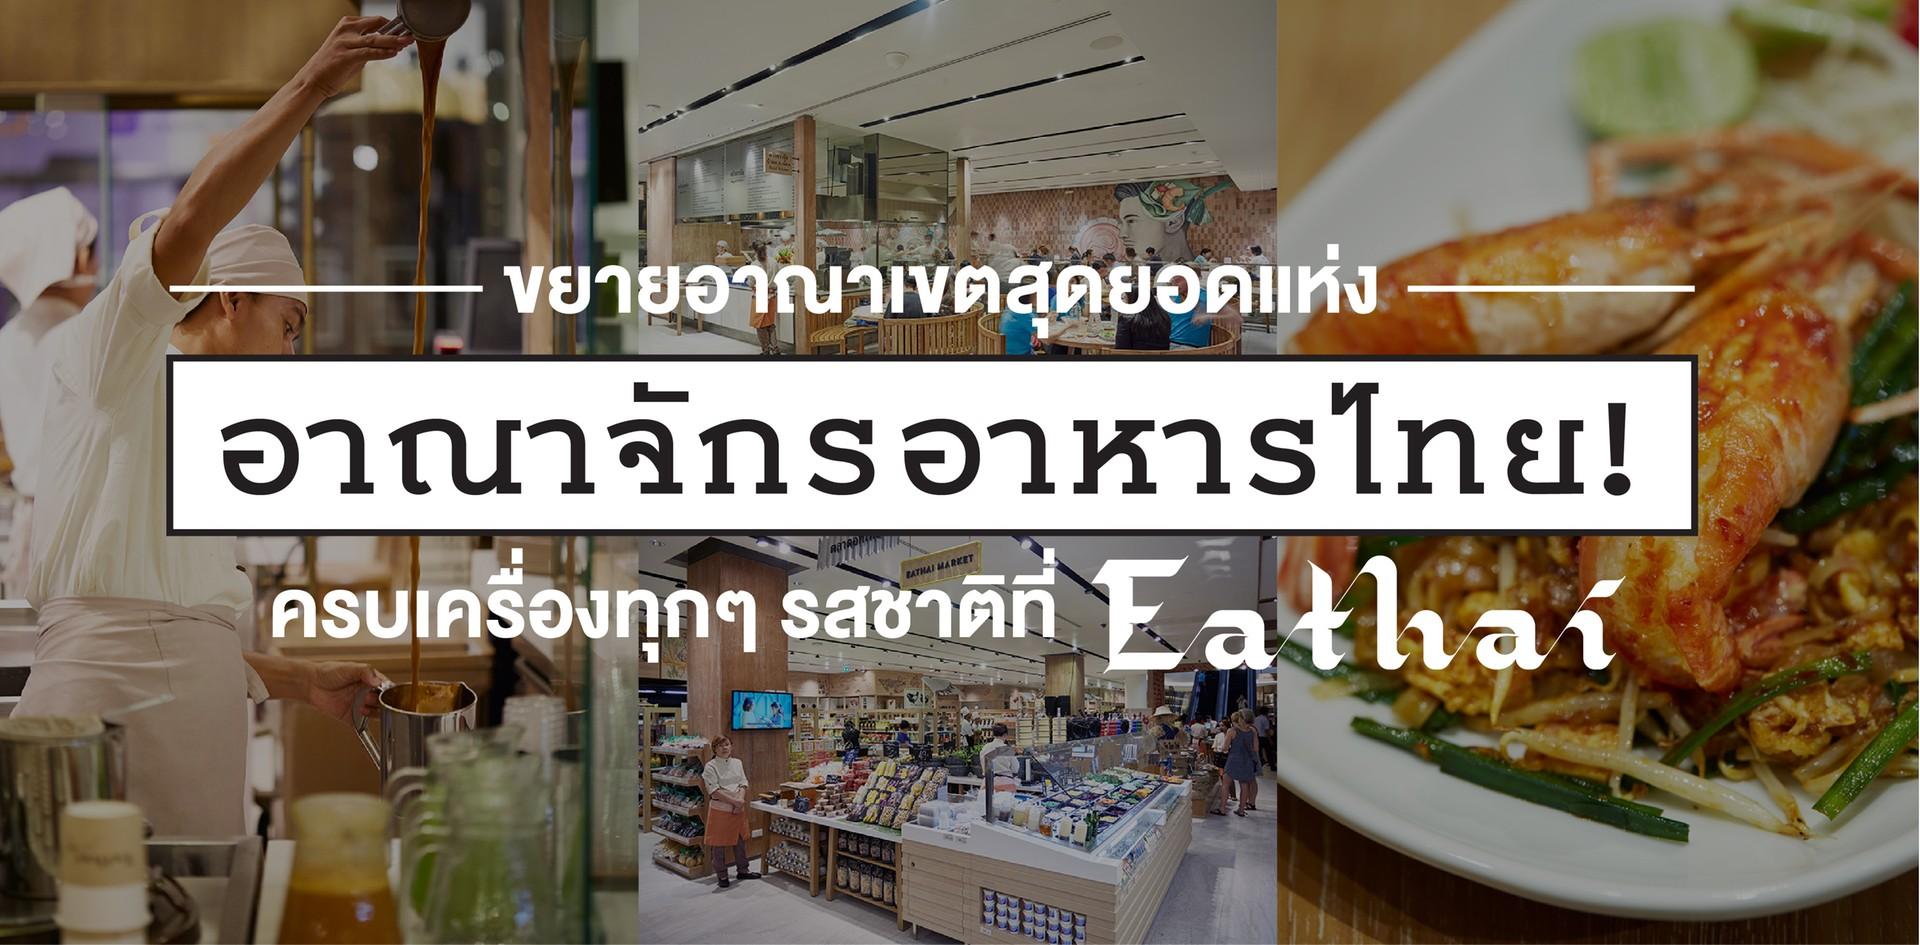 ขยายอาณาเขตสุดยอดแห่งอาณาจักรอาหารไทย! ครบเครื่องทุกๆรสชาติ ที่ Eathai